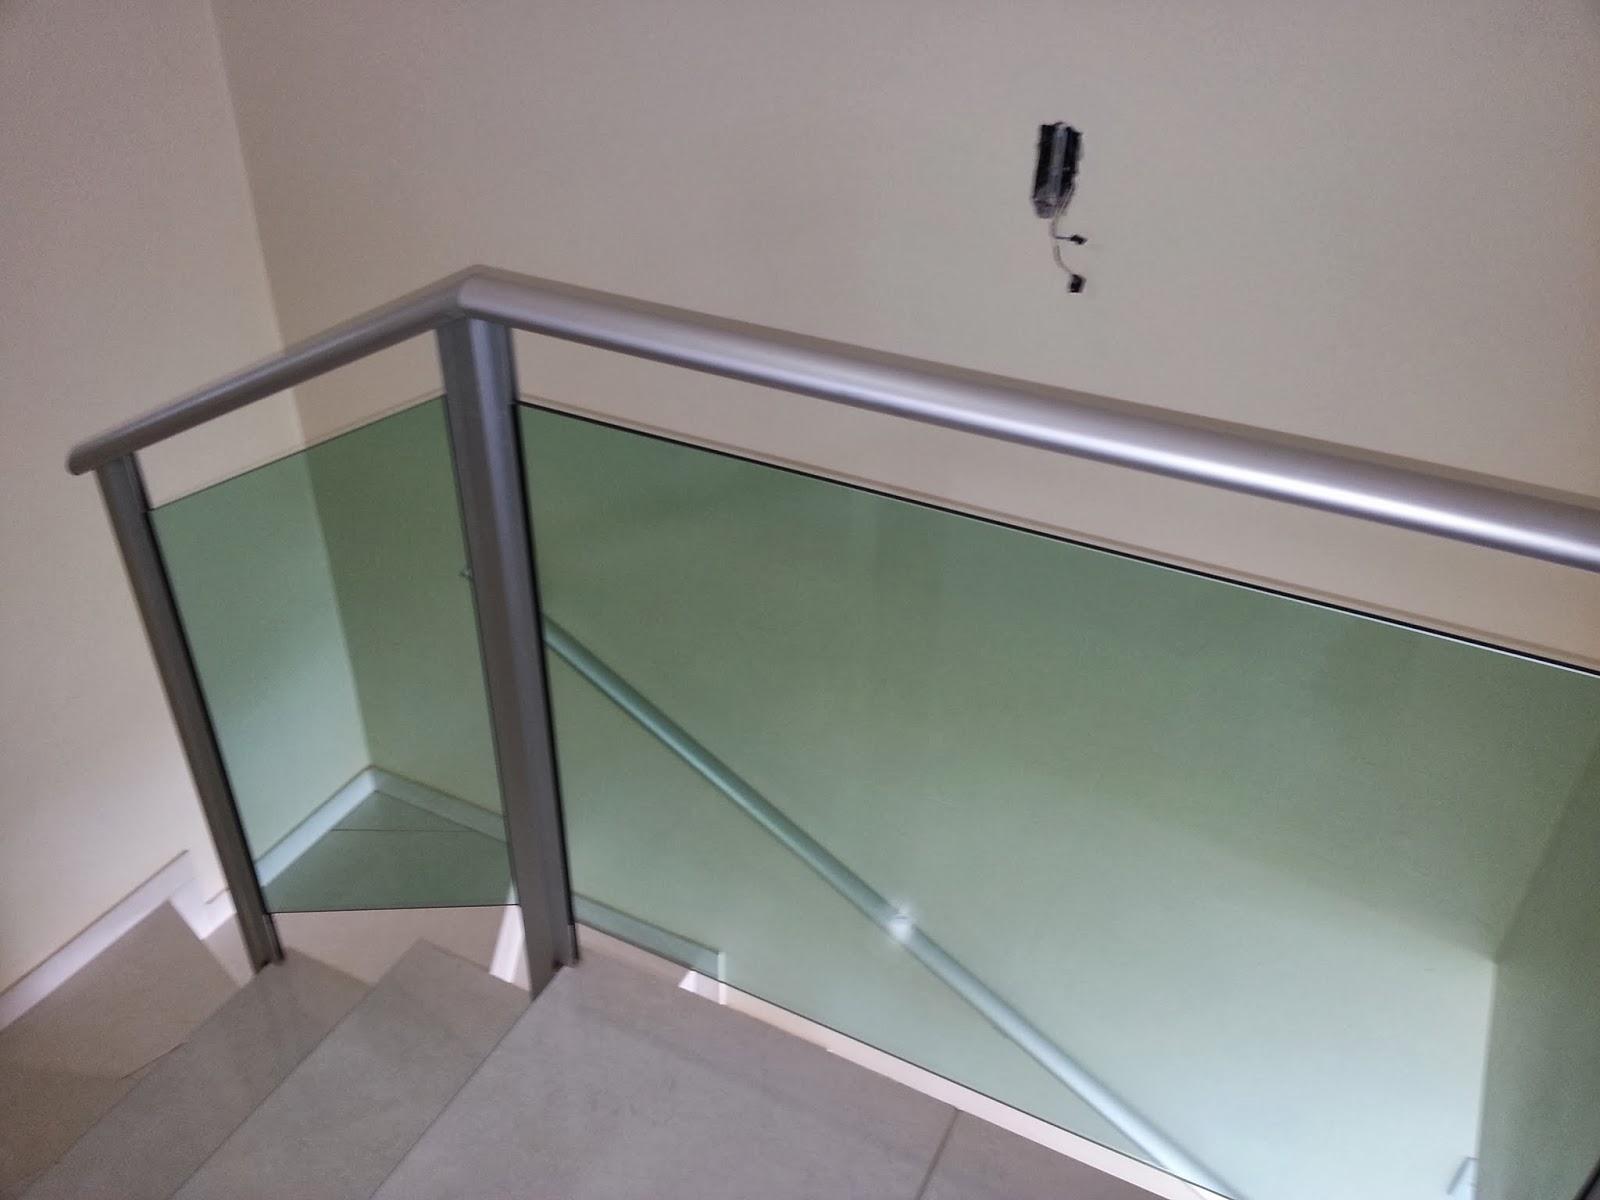 #576874  em alumínio natural fosco com vidro na cor verde — em Lajeado 1696 Janela De Aluminio Na Cor Bronze